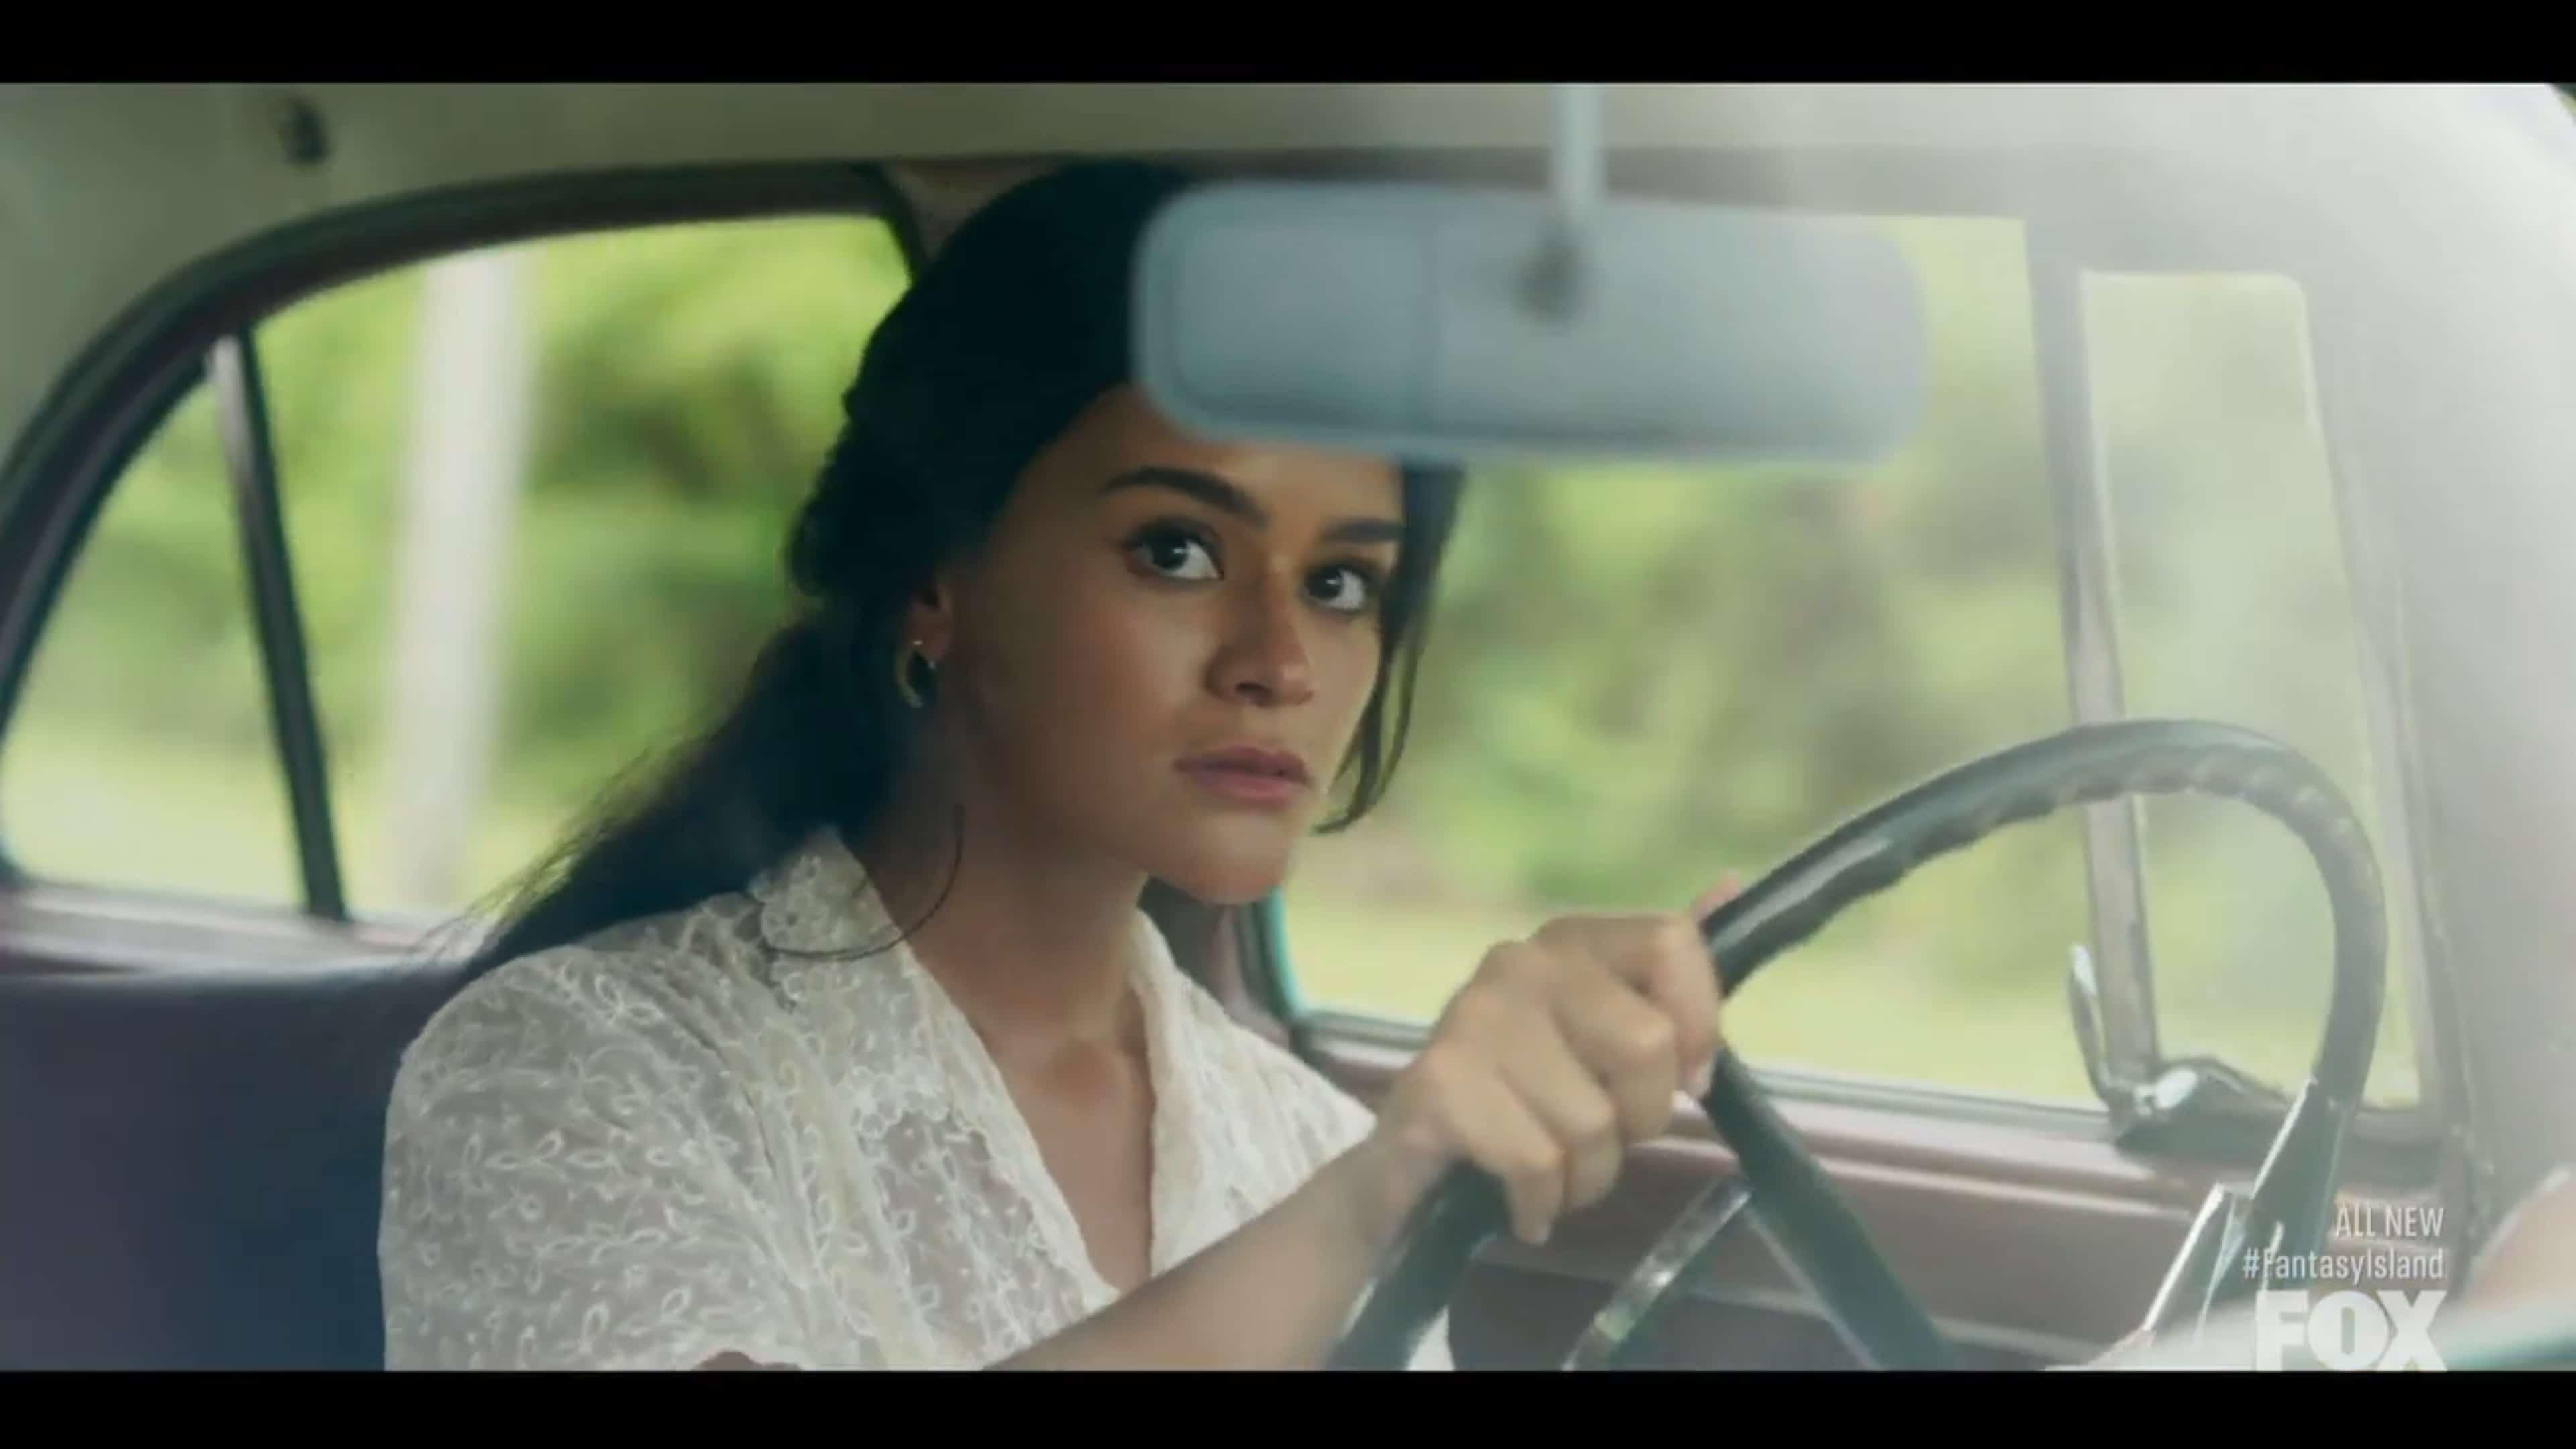 Alma (Gigi Zumbado) driving her grandfather's car in Cuba